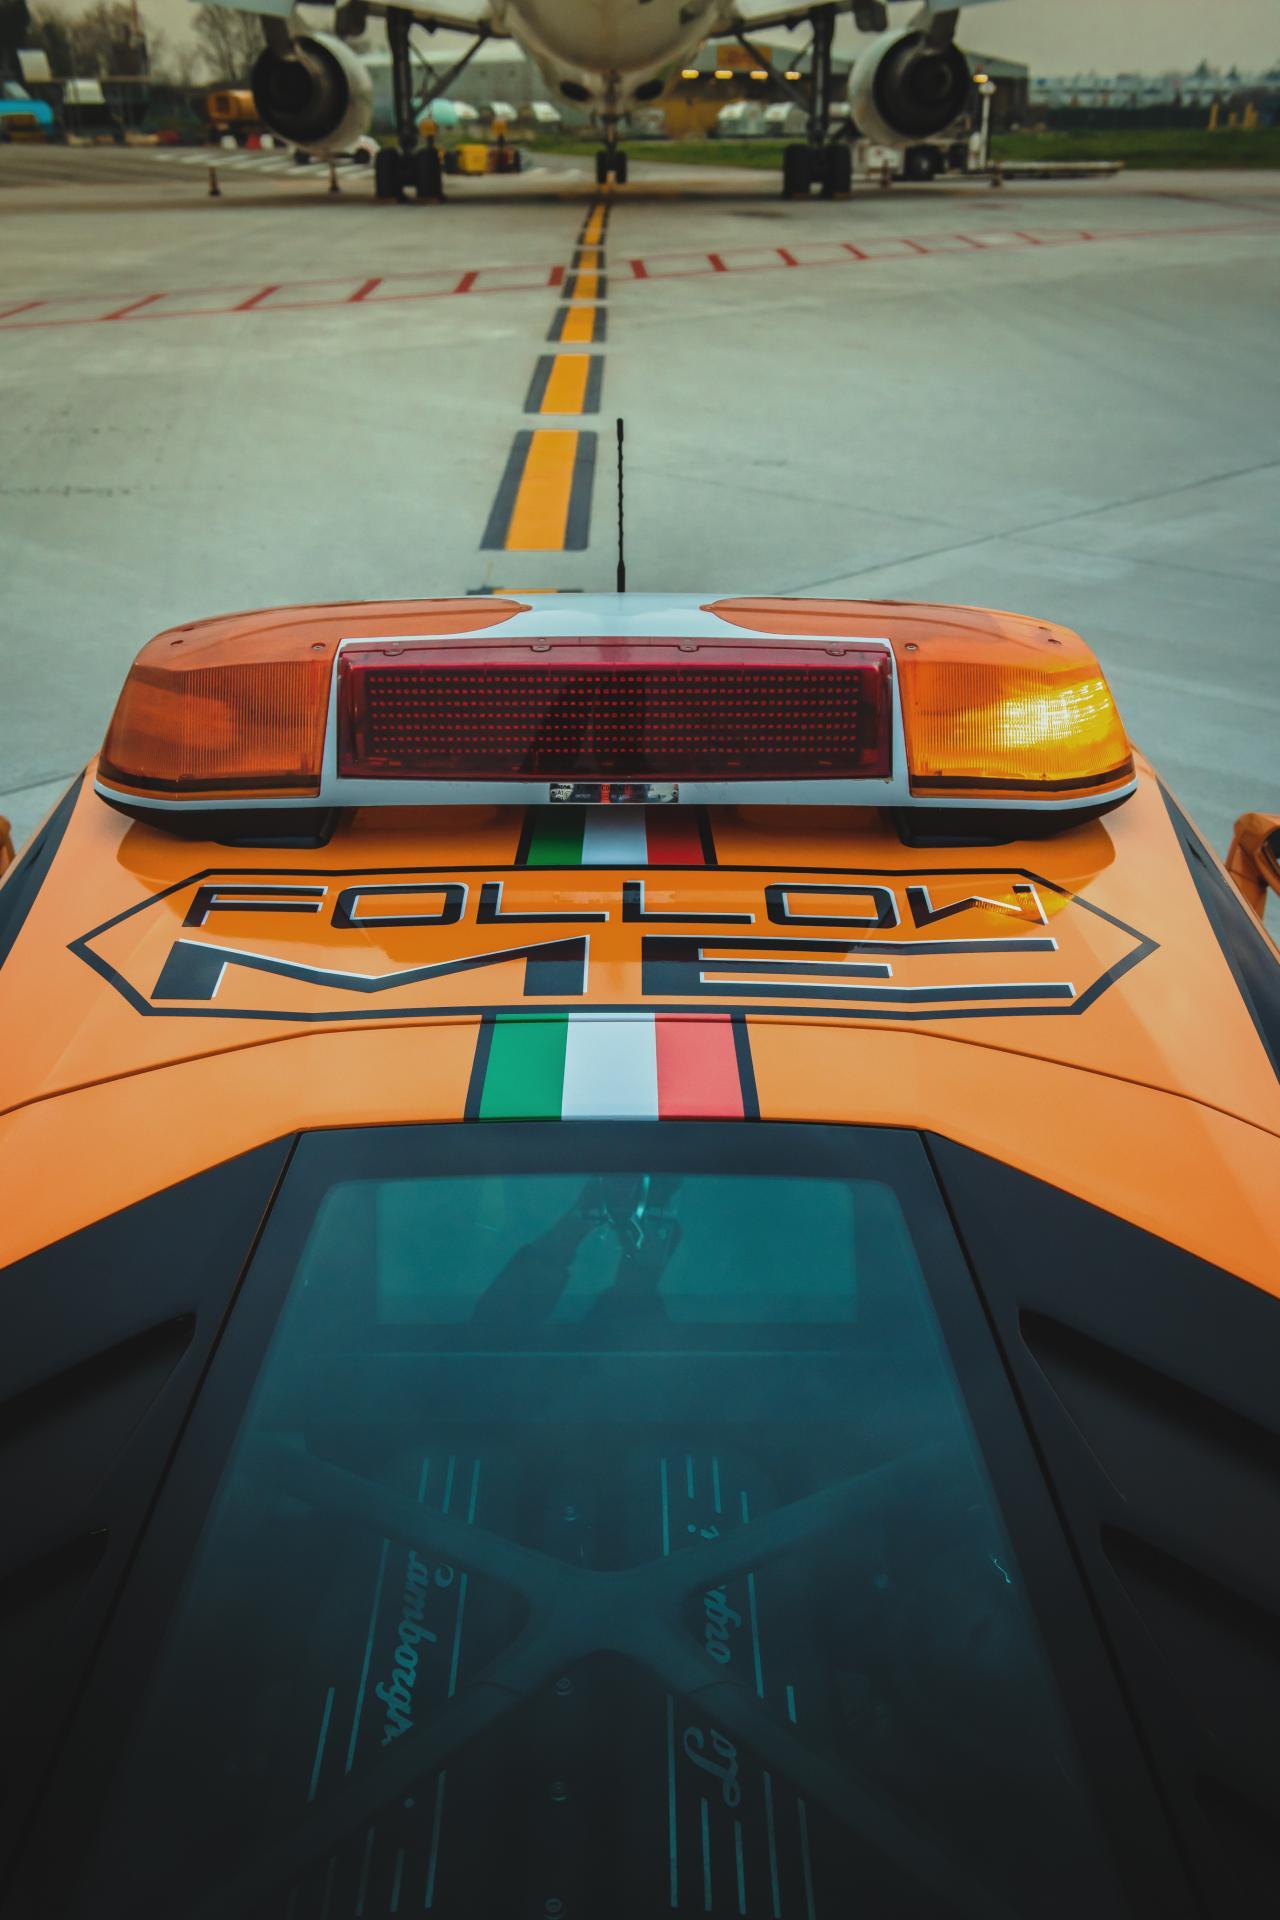 Lamborghini-Huracan-RWD-Follow-Me-Car-Bologna-Airport-10